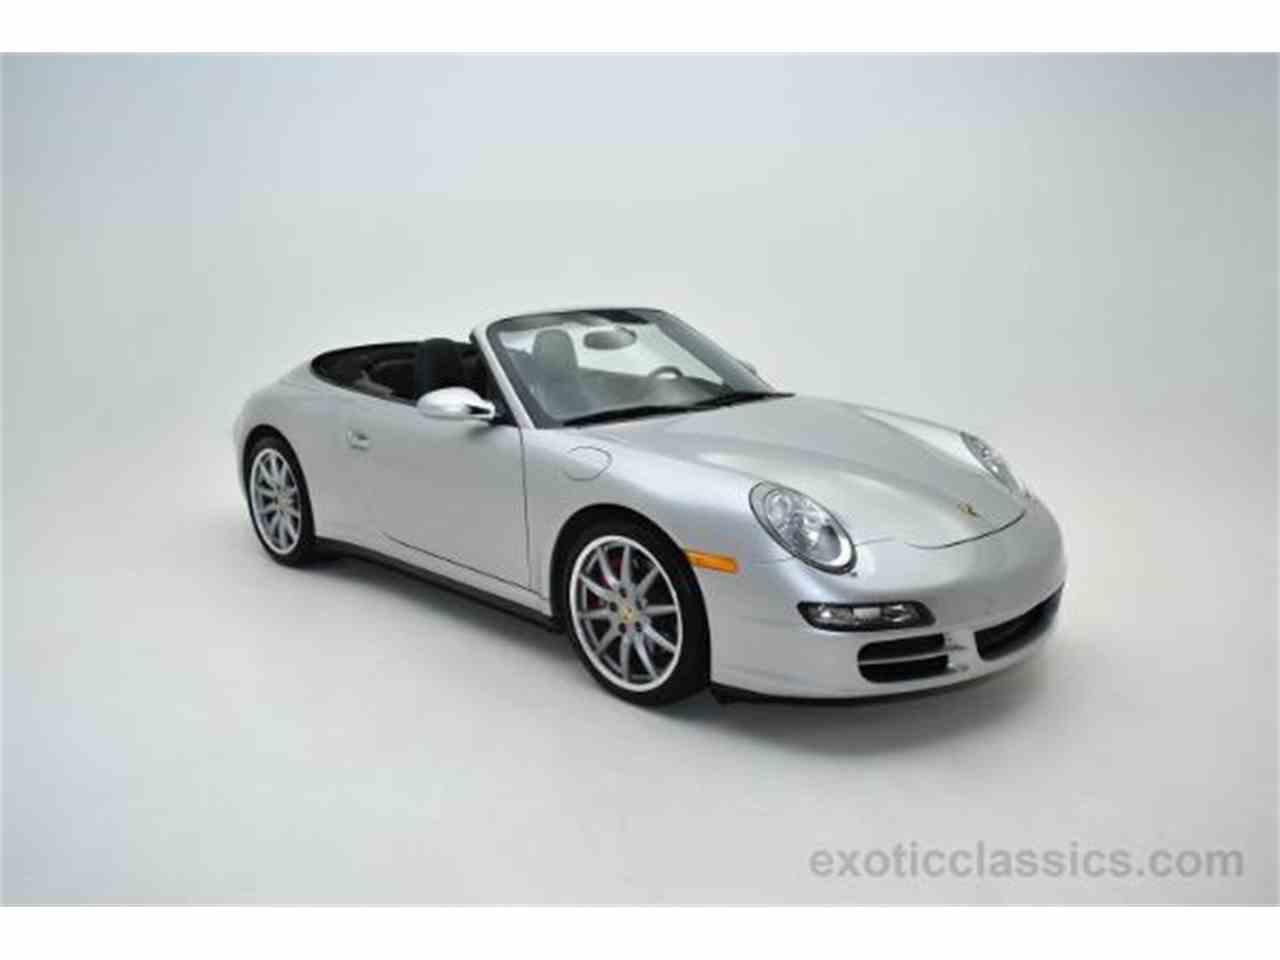 2007 Porsche 911 for Sale - CC-986719